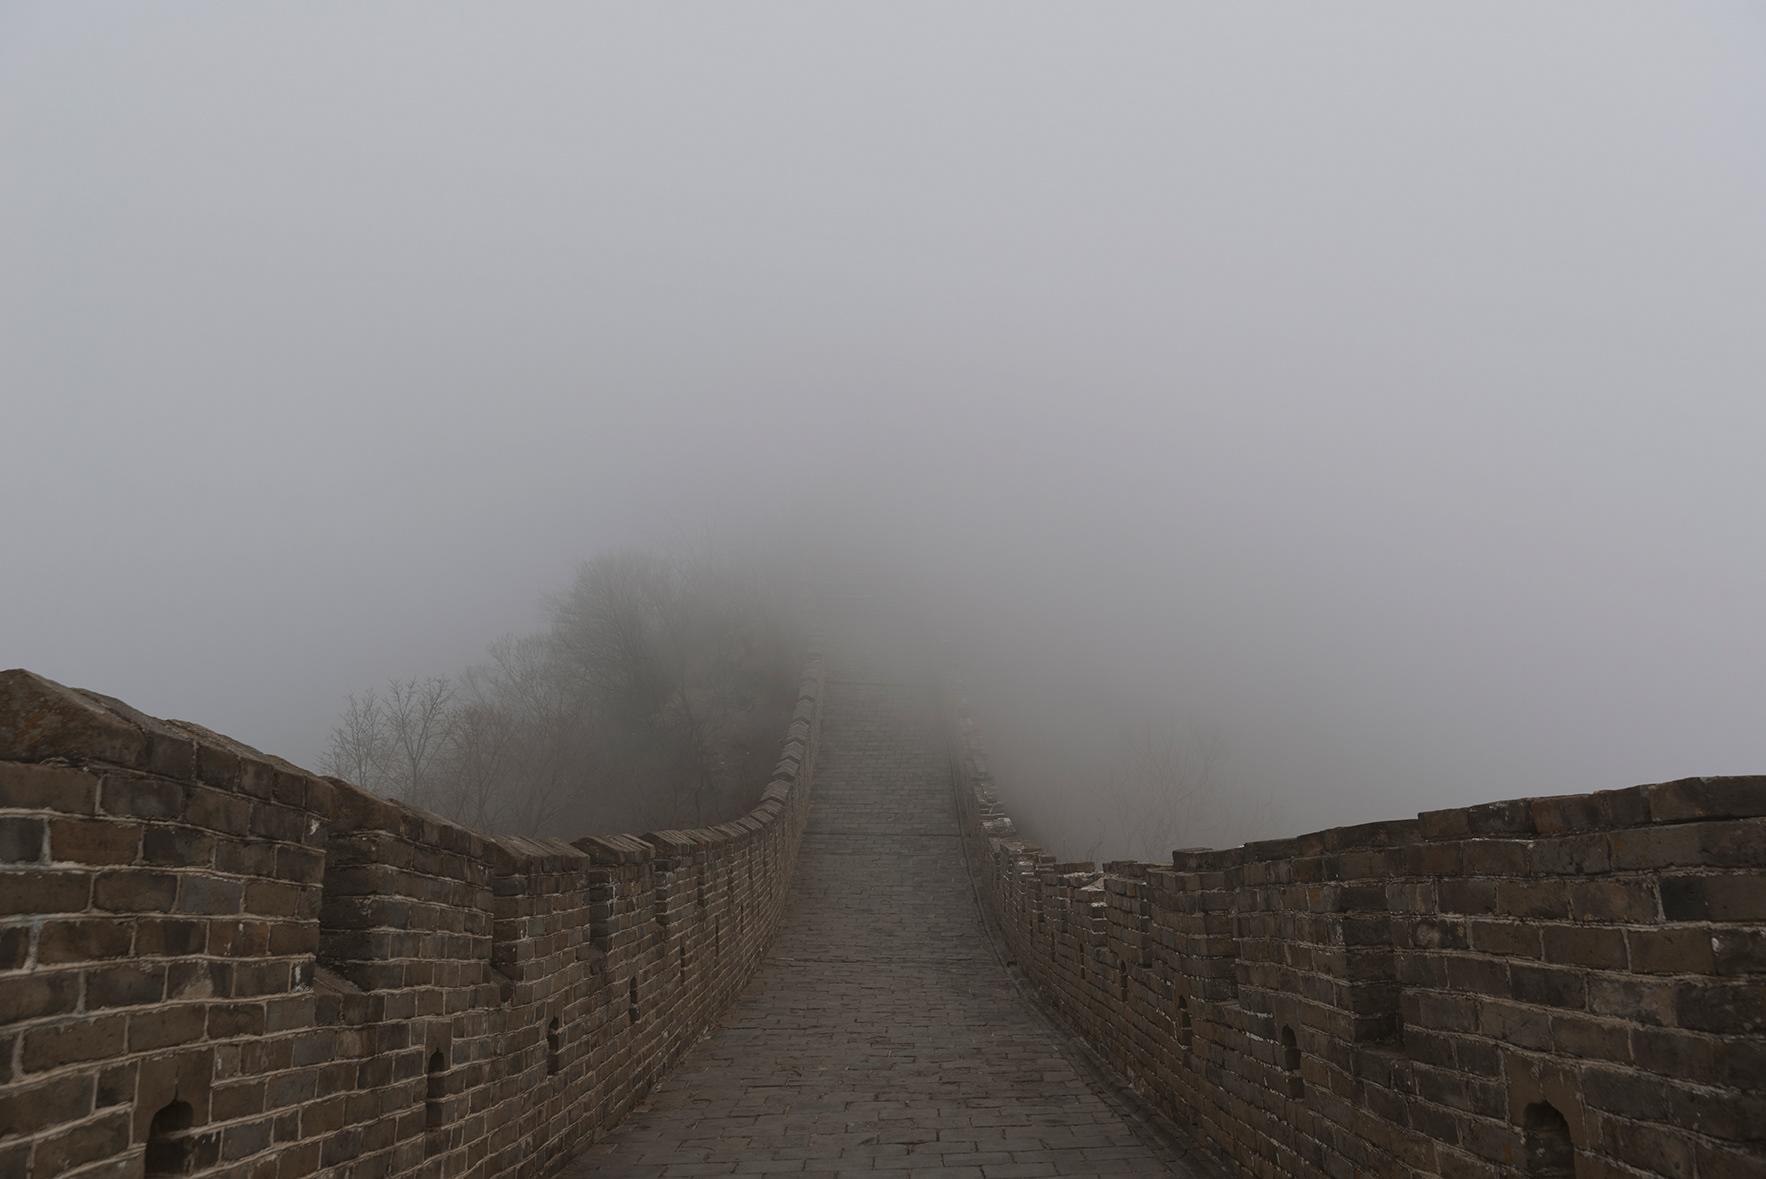 Foto de la muralla china cubierta de niebla